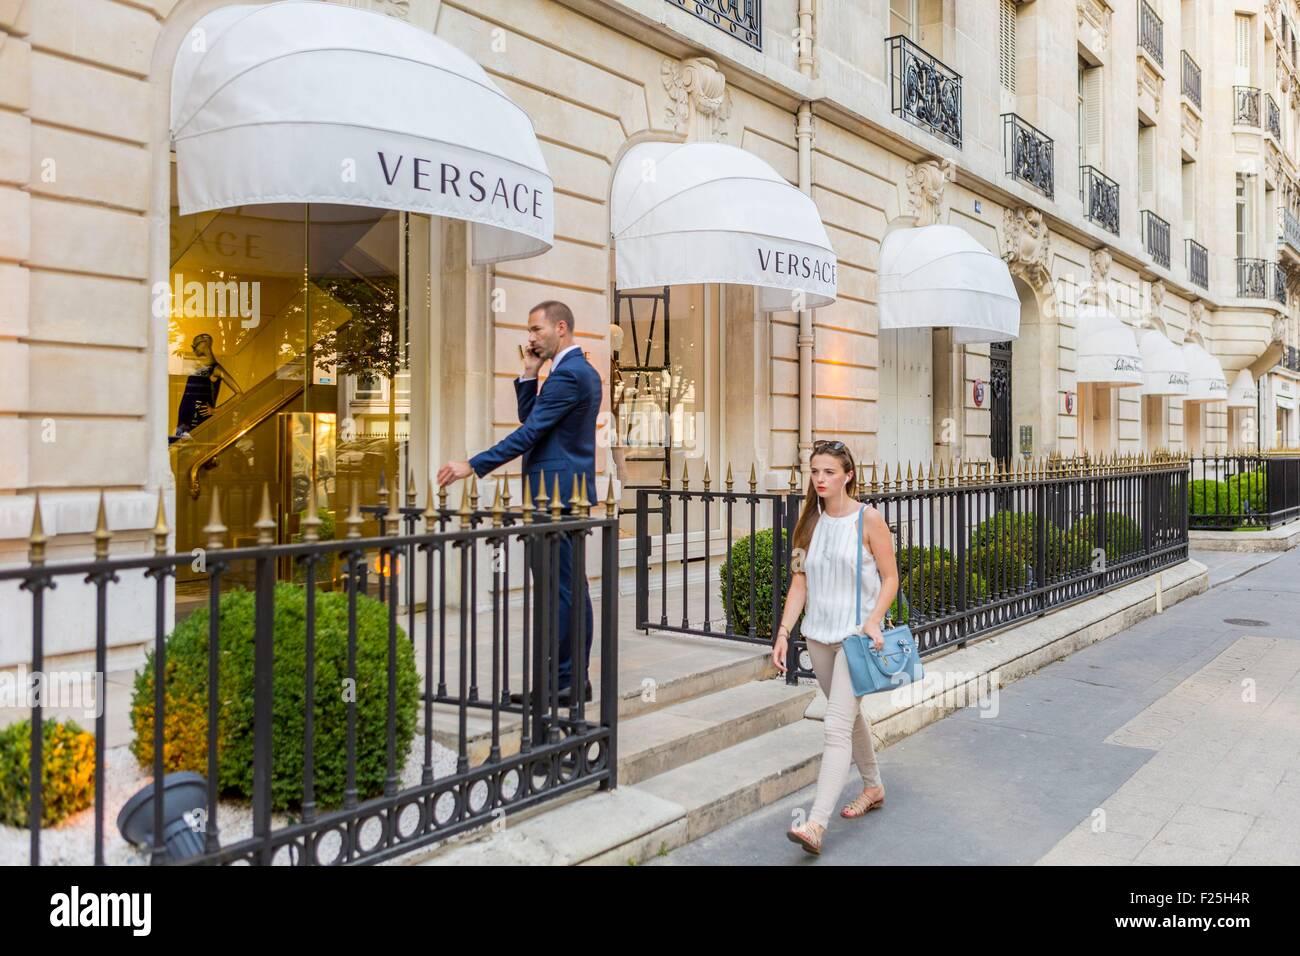 France, Paris, Avenue Montaigne, the Versace shop Stock Photo ...